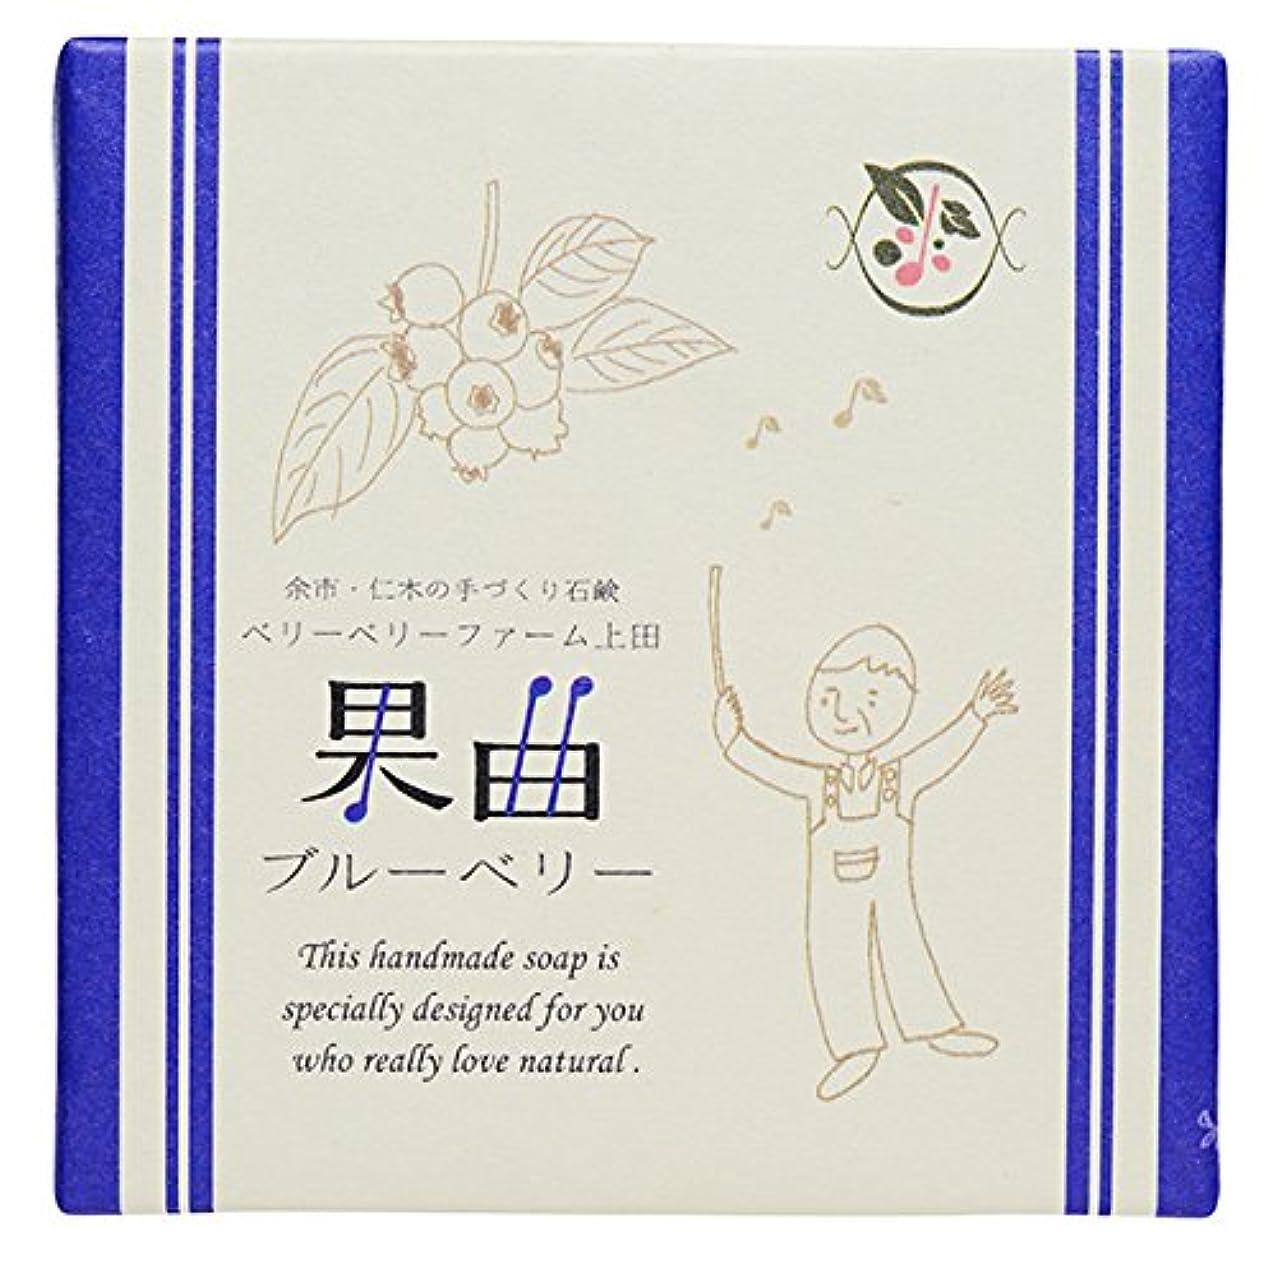 一時停止亜熱帯妻余市町仁木のベリーベリーファーム上田との共同開発 果曲(ブルーベリー)純練り石鹸